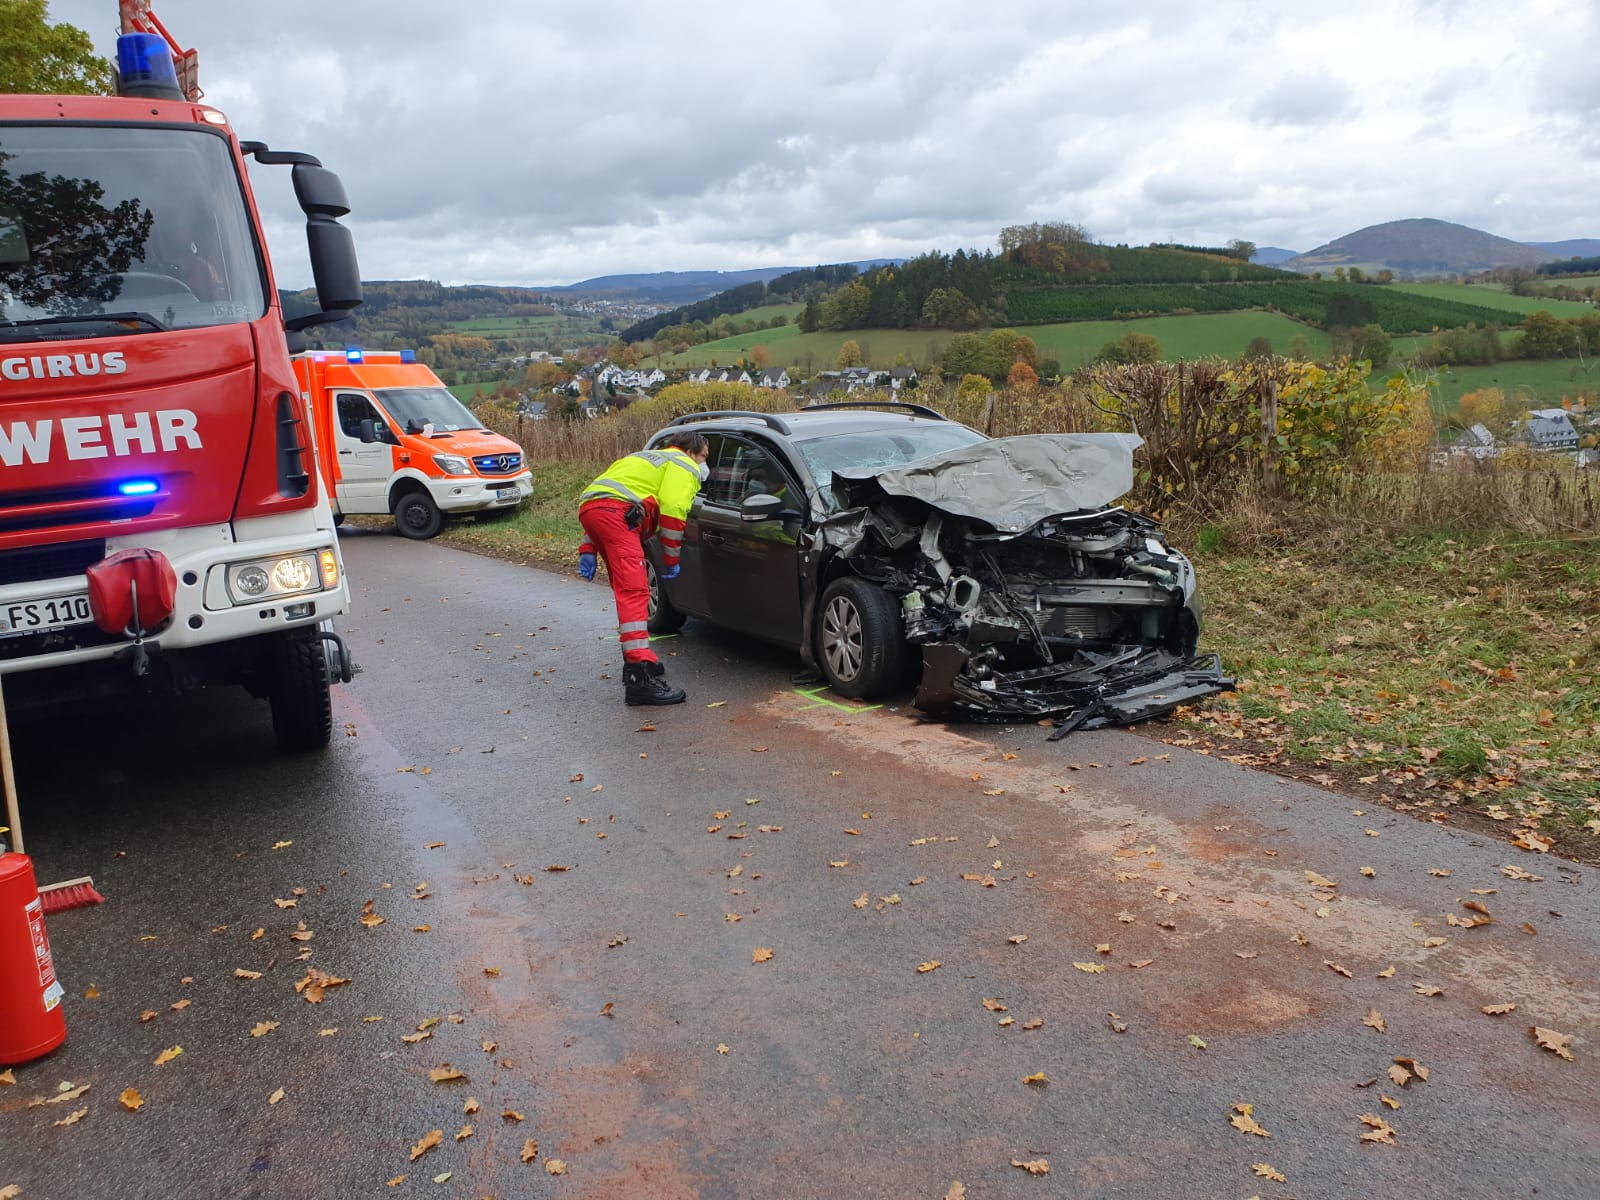 Schwerer Verkehrsunfall bei Jagdhaus – PKW frontal gegen LKW